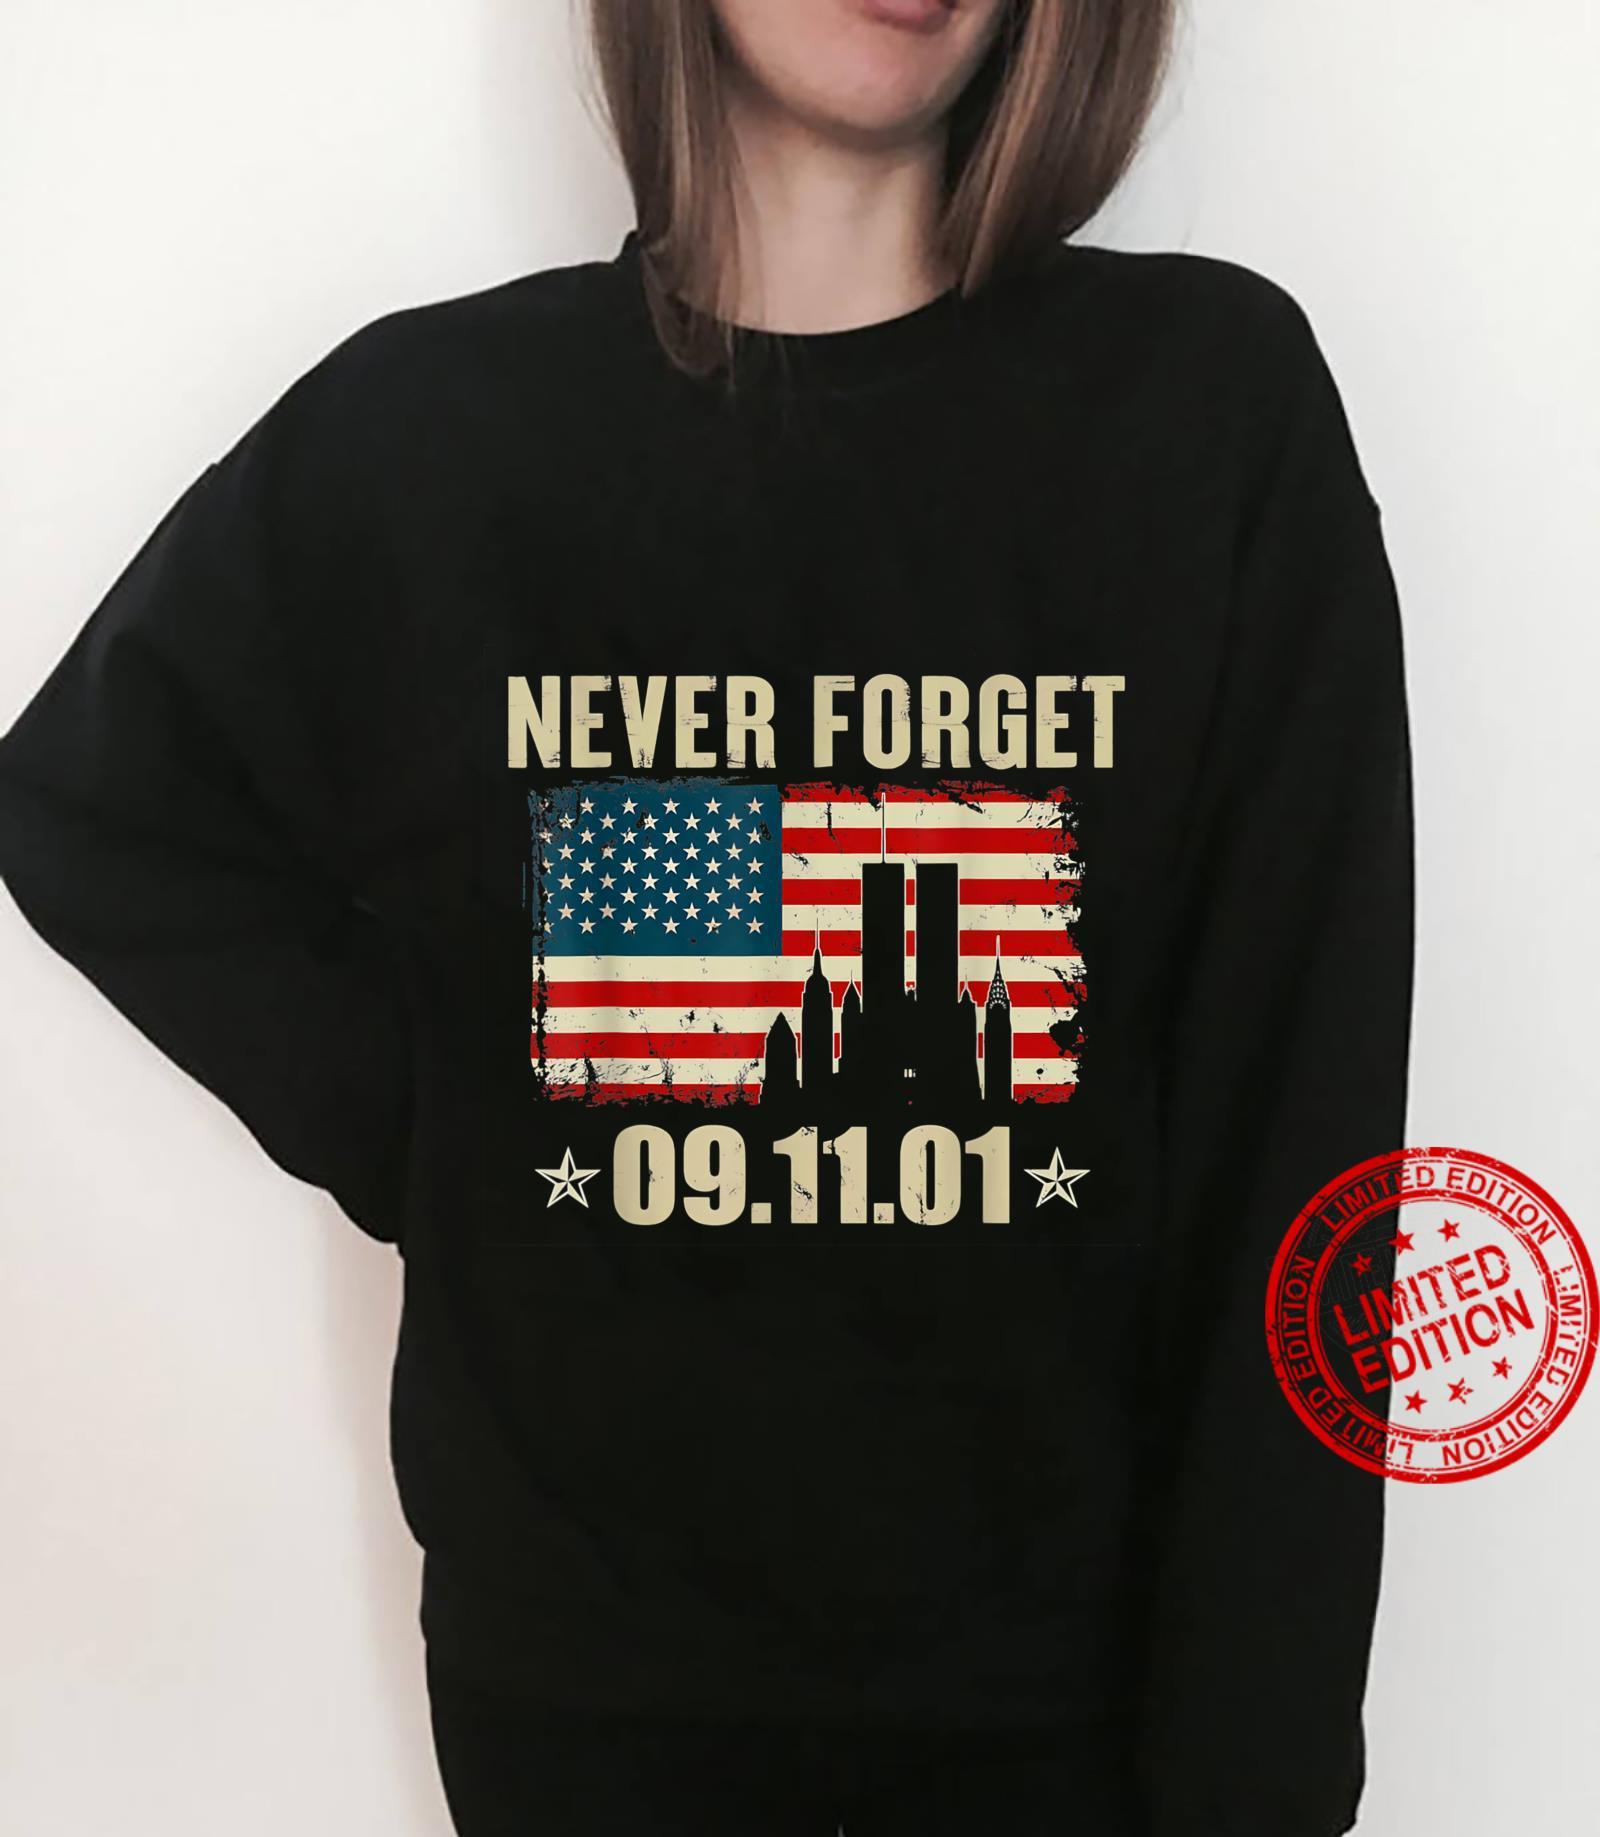 Never Forget 09.11.01 Shirt Shirt sweater